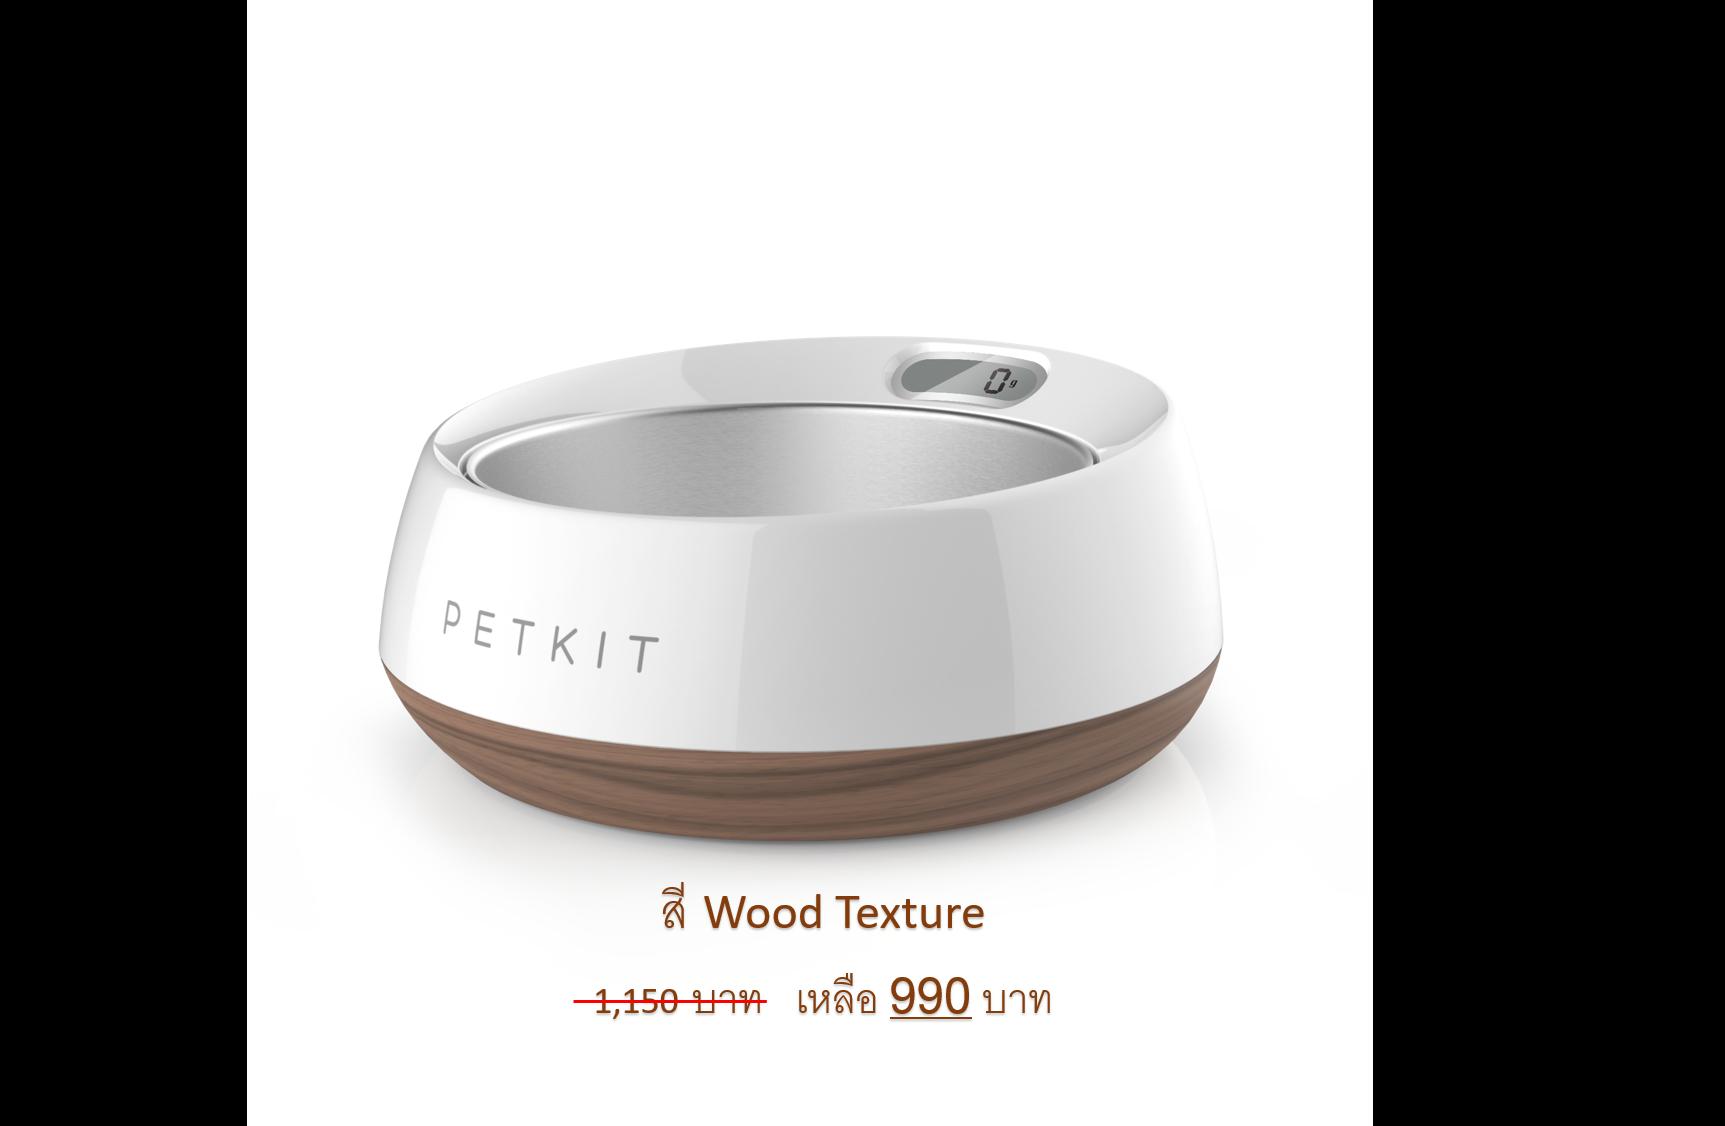 ถาดให้อาหารสัตว์เลี้ยง Smart Bowl - PETKIT Fresh Metal รุ่นมีเครื่องชั่งดิจิตอลในตัว วัสดุ Stainless ลาย Wood